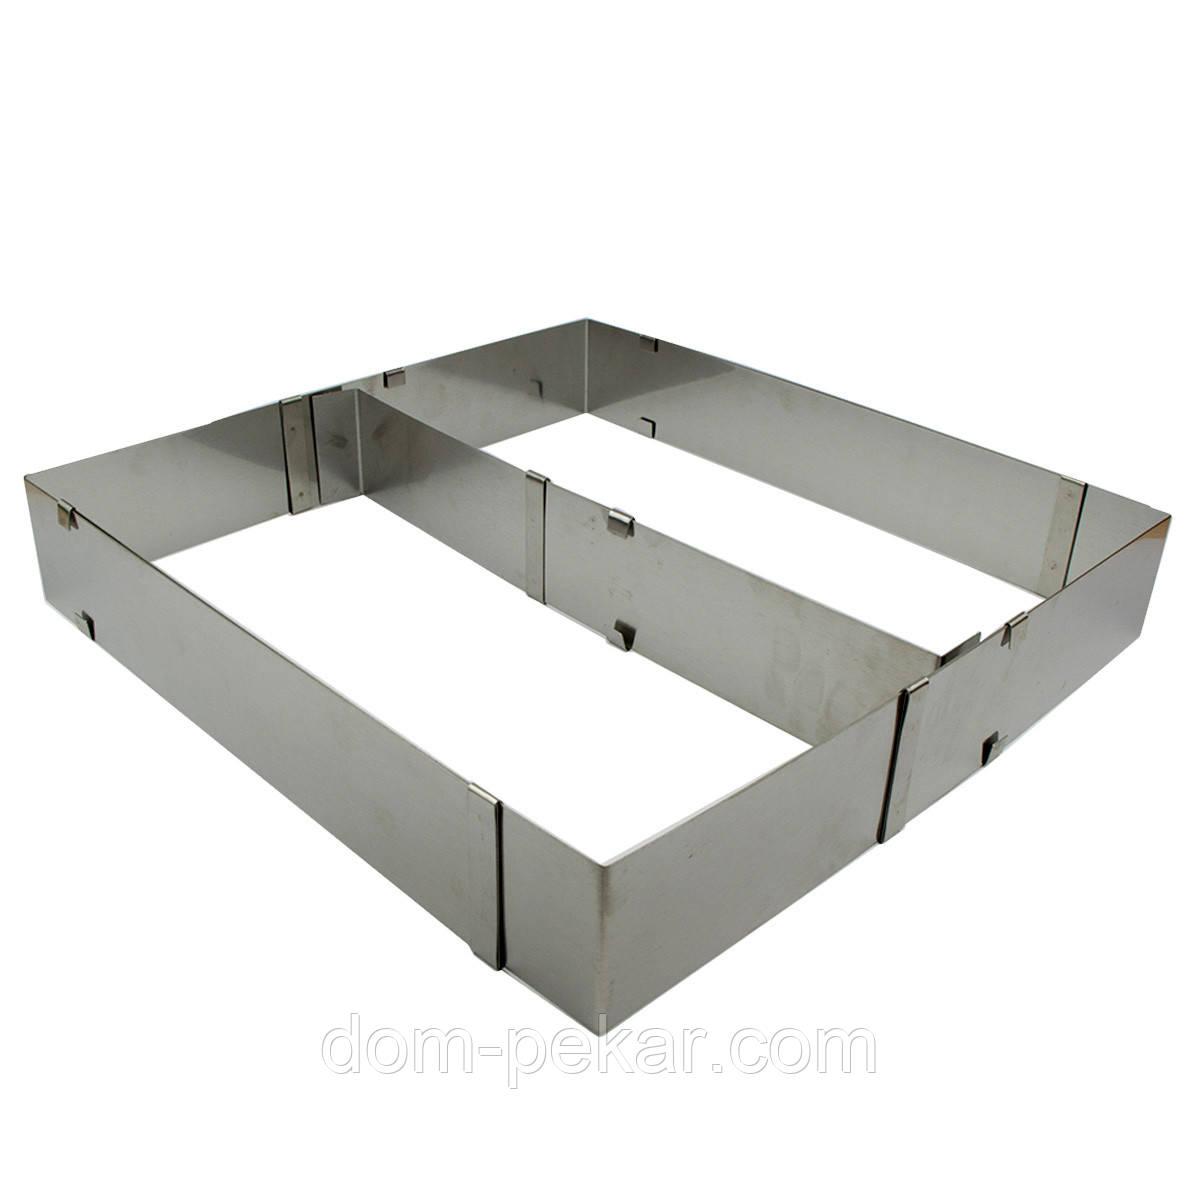 Рамка кондитерская раздвижная Прямоугольная Н=8,5см с перегородкой, фото 1